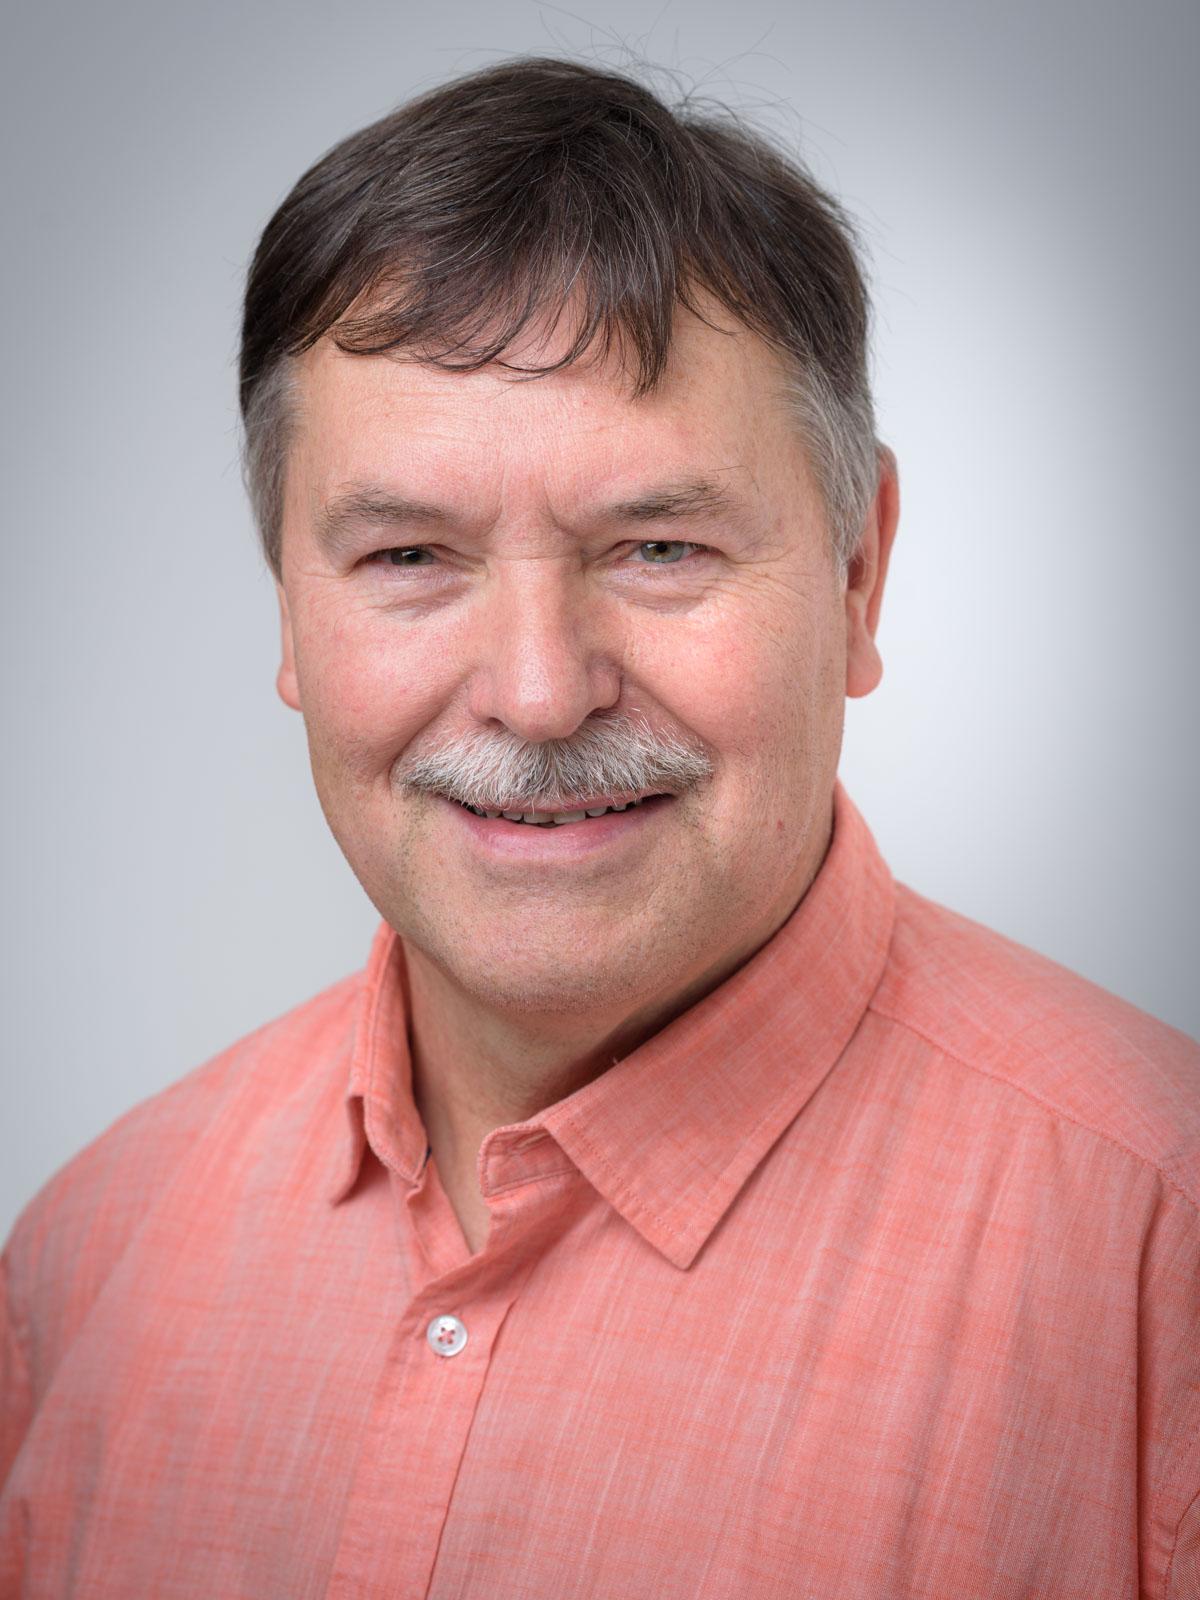 Jürgen Hartmann - Stellvertretender Vorsitzender